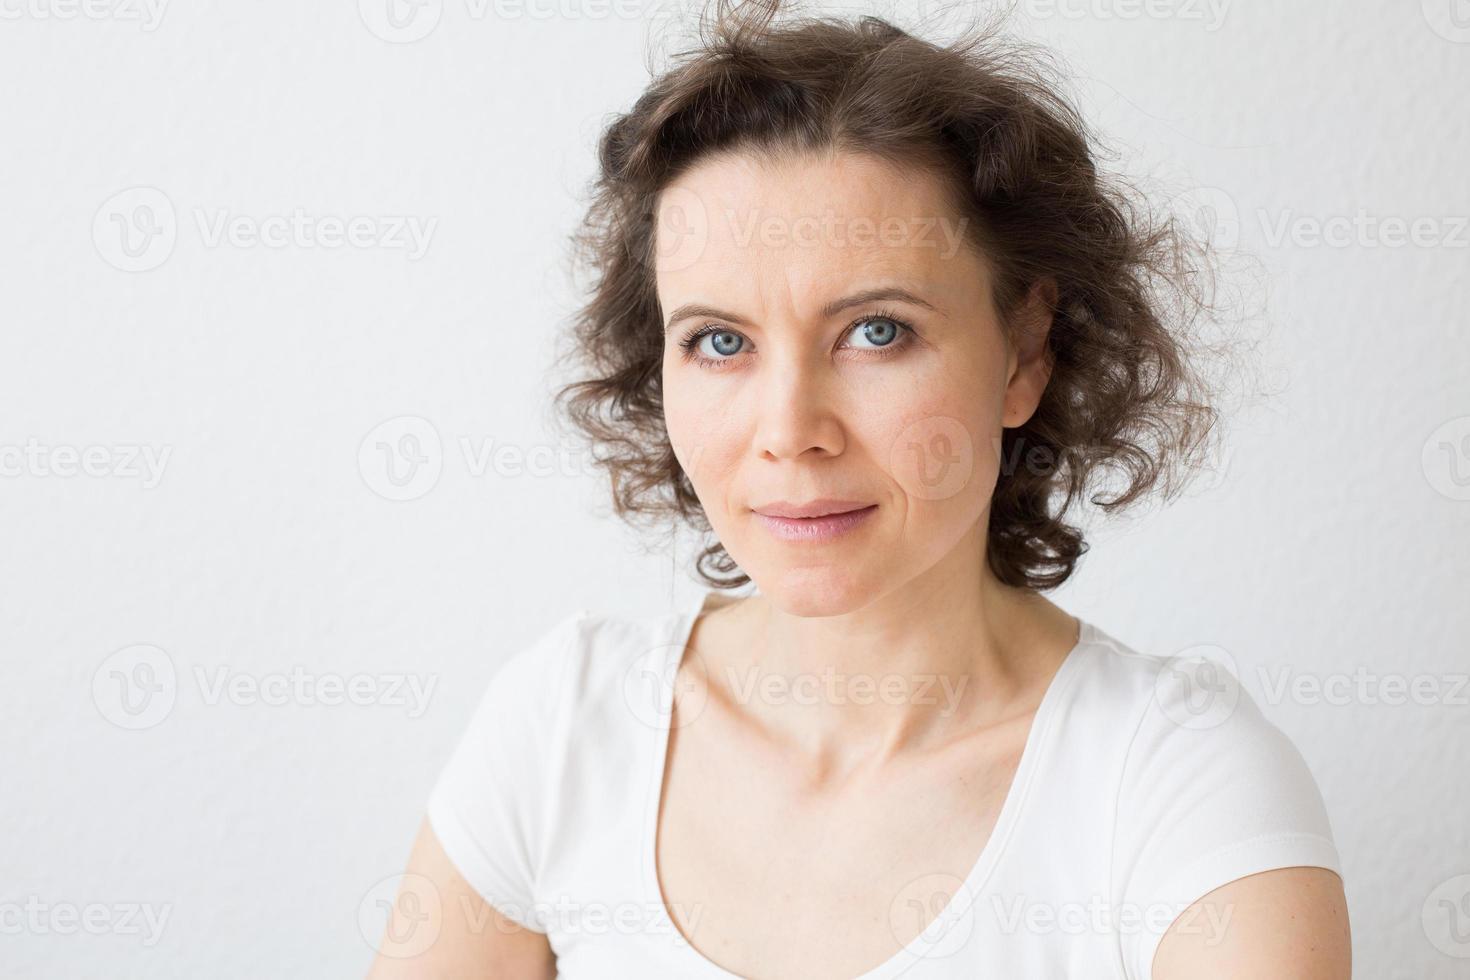 donna dai capelli castani, sguardo attento alla telecamera foto